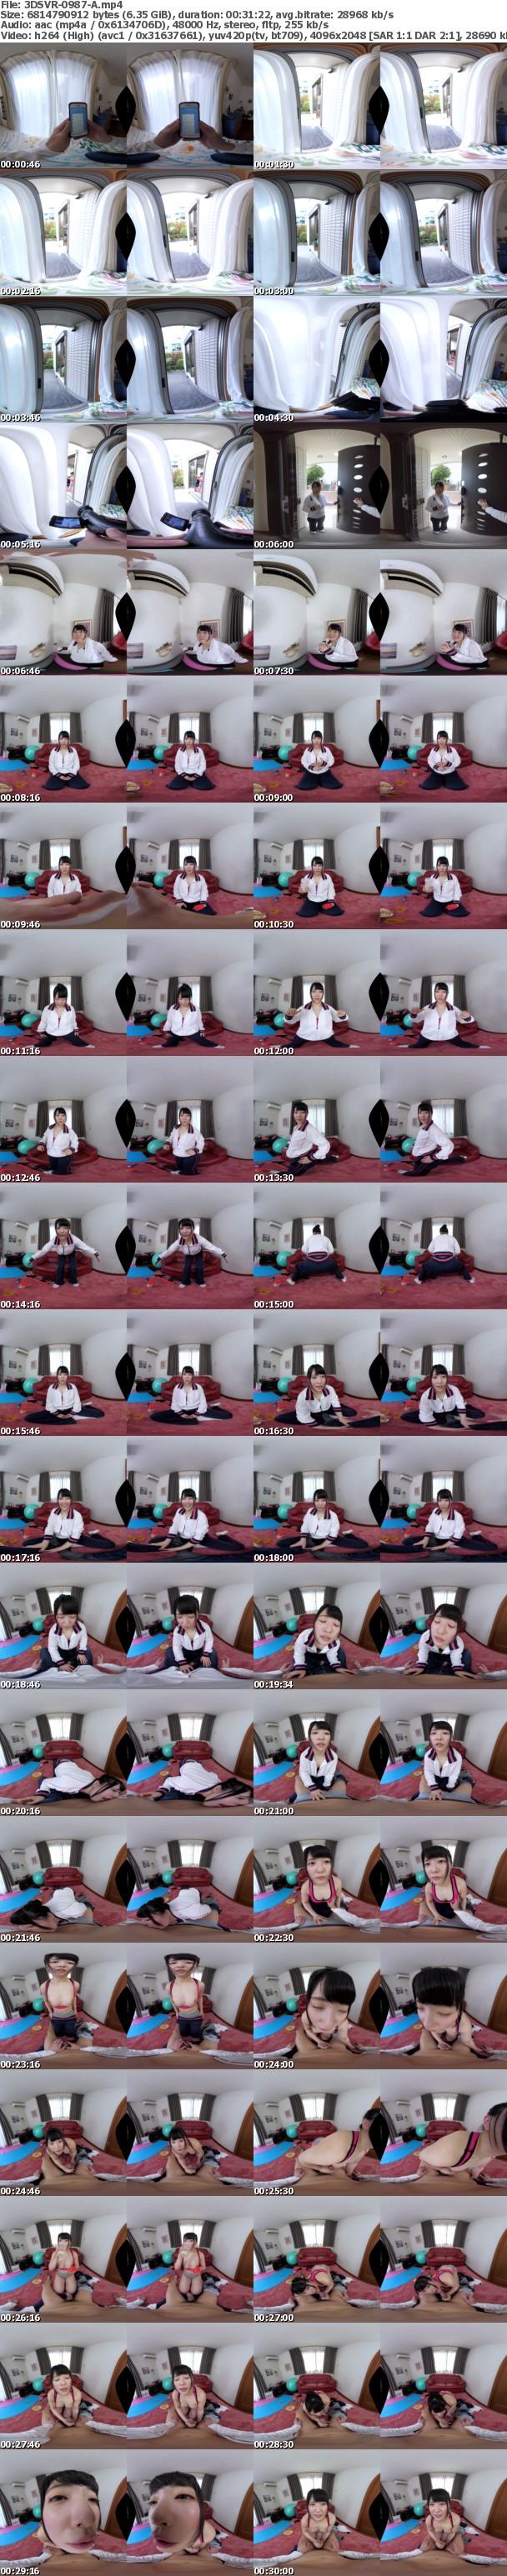 (VR) 3DSVR-0987 向かい部屋に住んでいる体育大学生に早漏改善してもらった僕。膣圧筋肉ピストン騎乗位VR